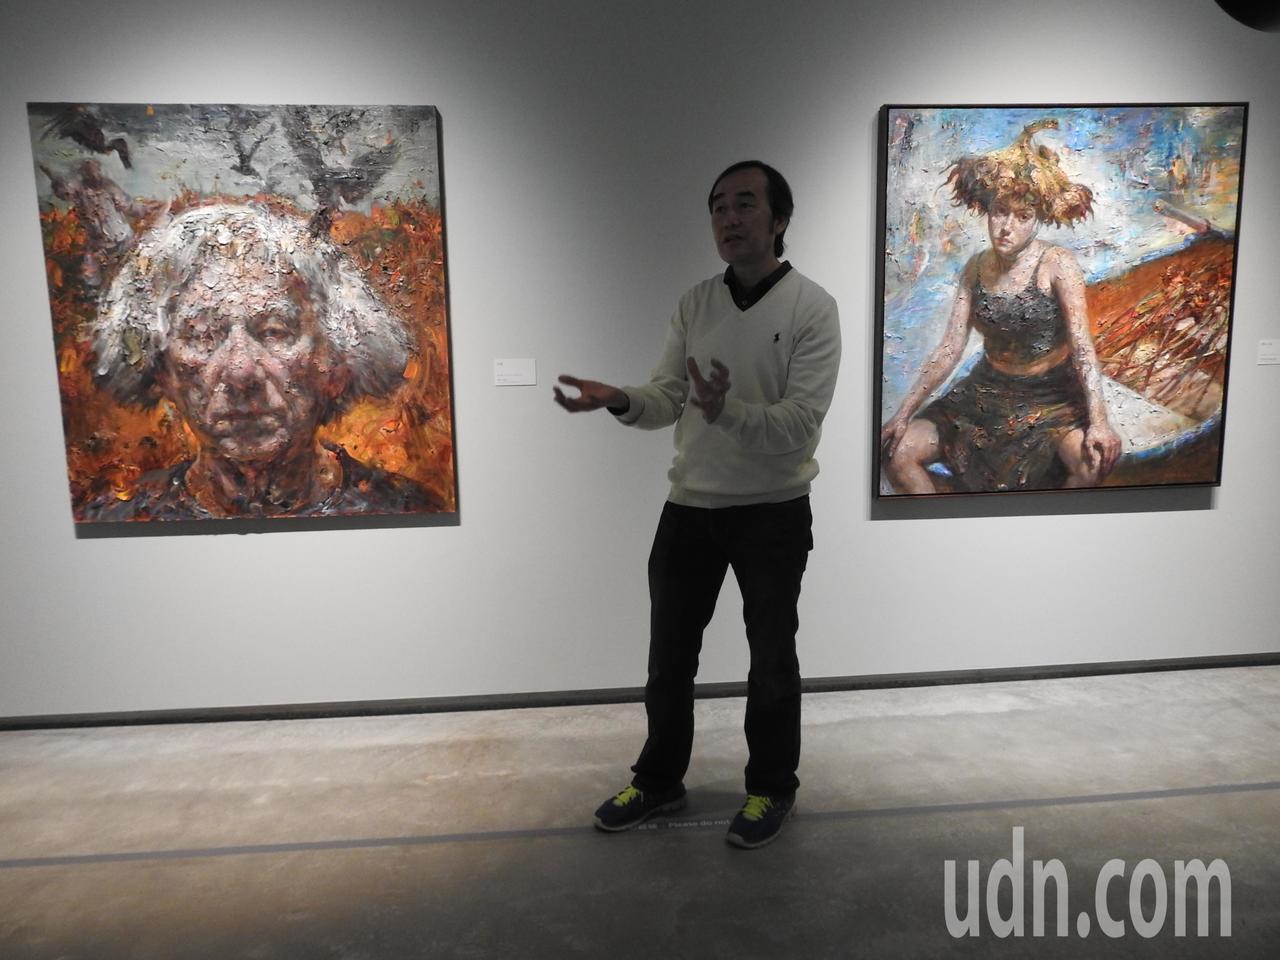 草屯鎮毓繡美術館以《漸失的夢:王勝個展》做明年首檔展覽,展區以「向日葵」主題貫穿...